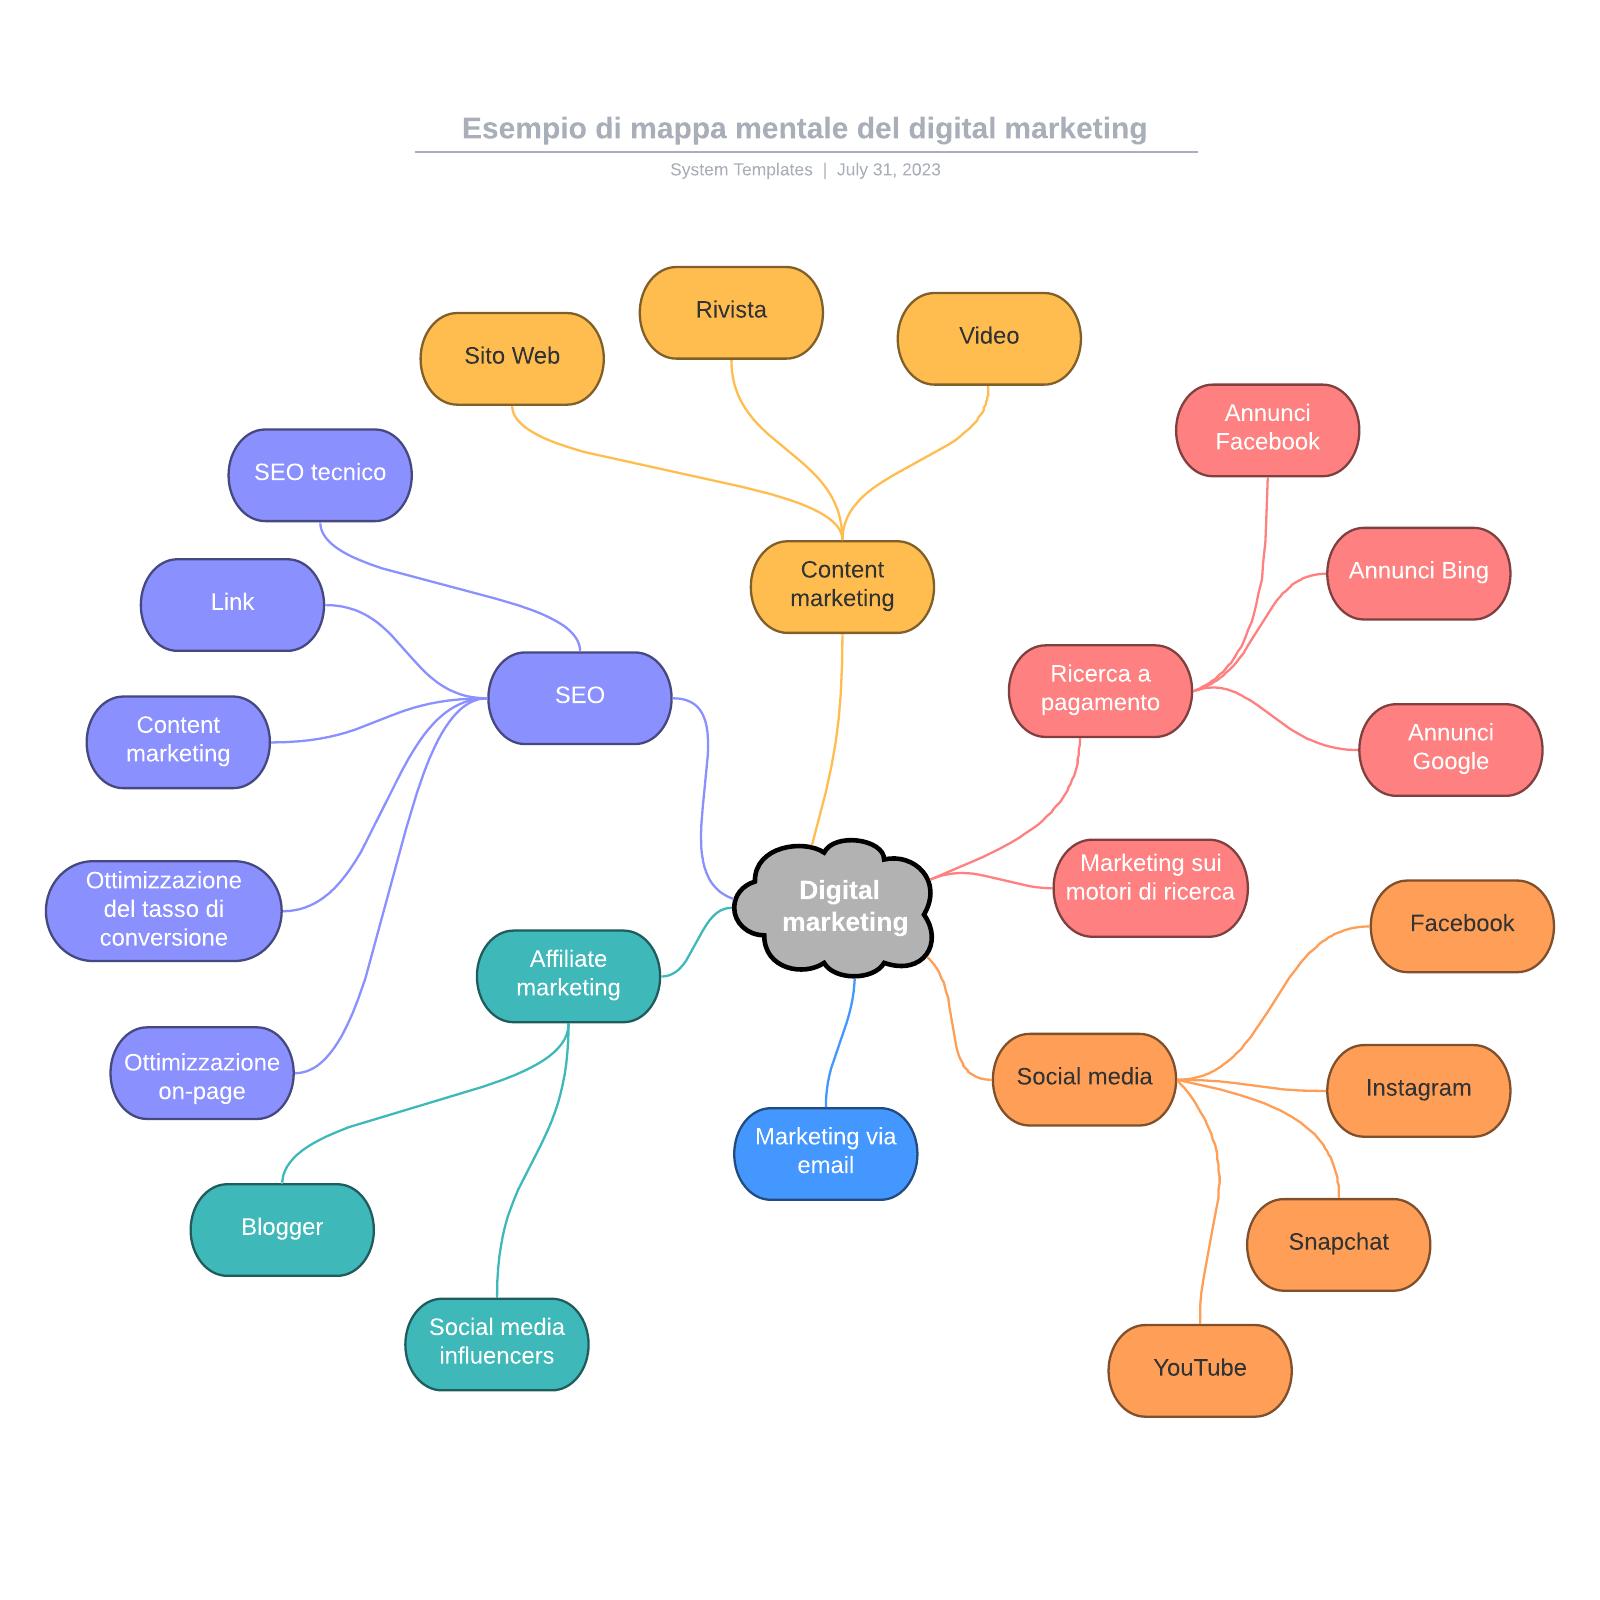 Esempio di mappa mentale del digital marketing